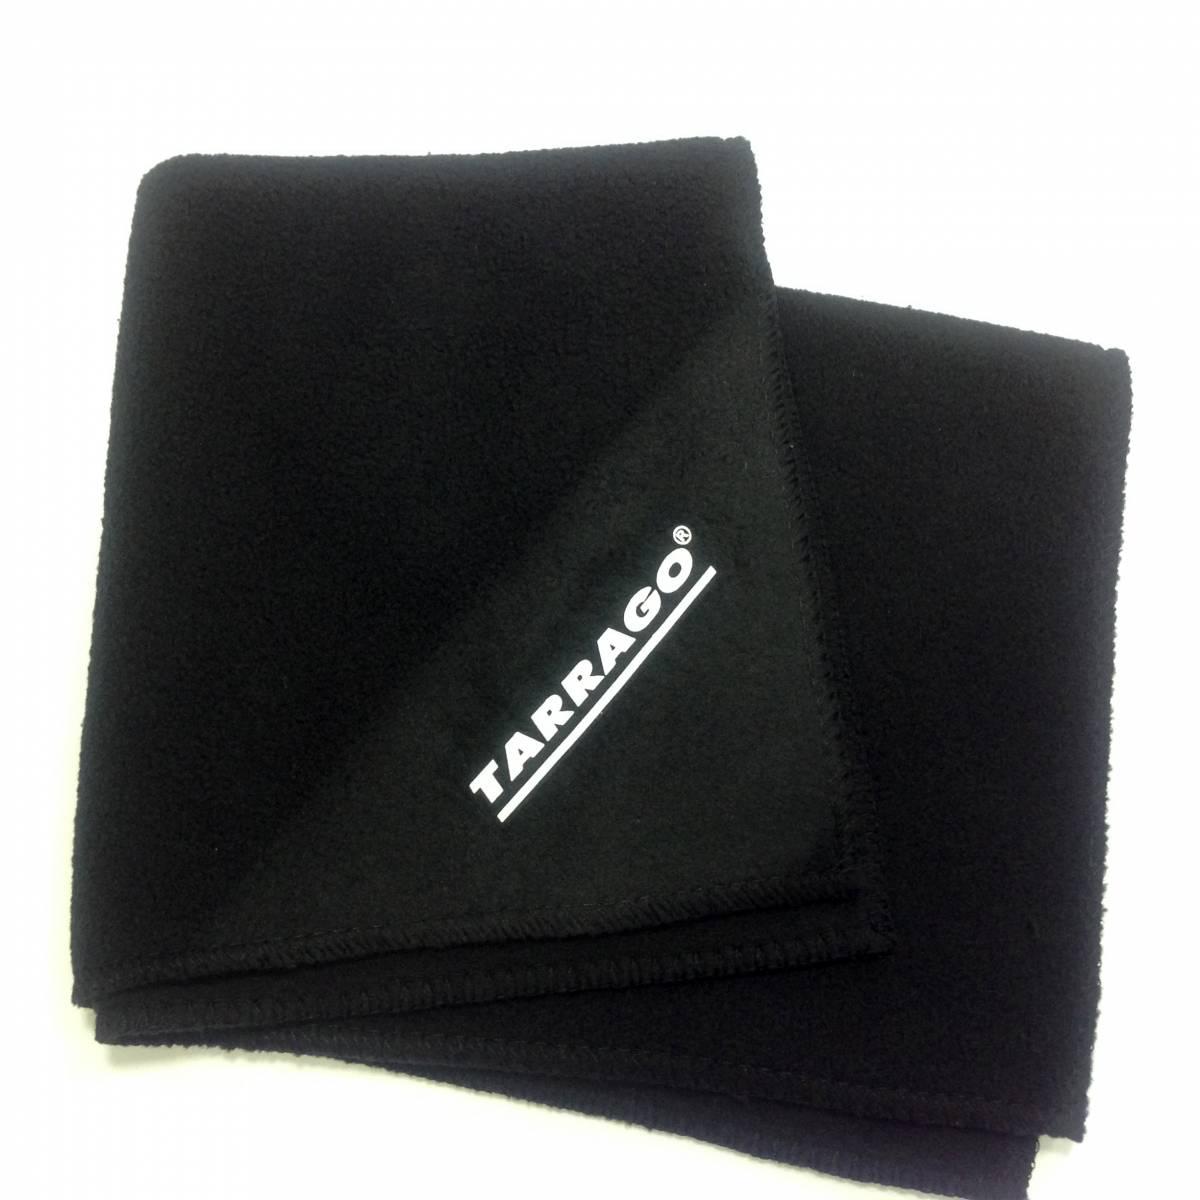 Купить Tarrago Салфетка для полировки, Lakestone